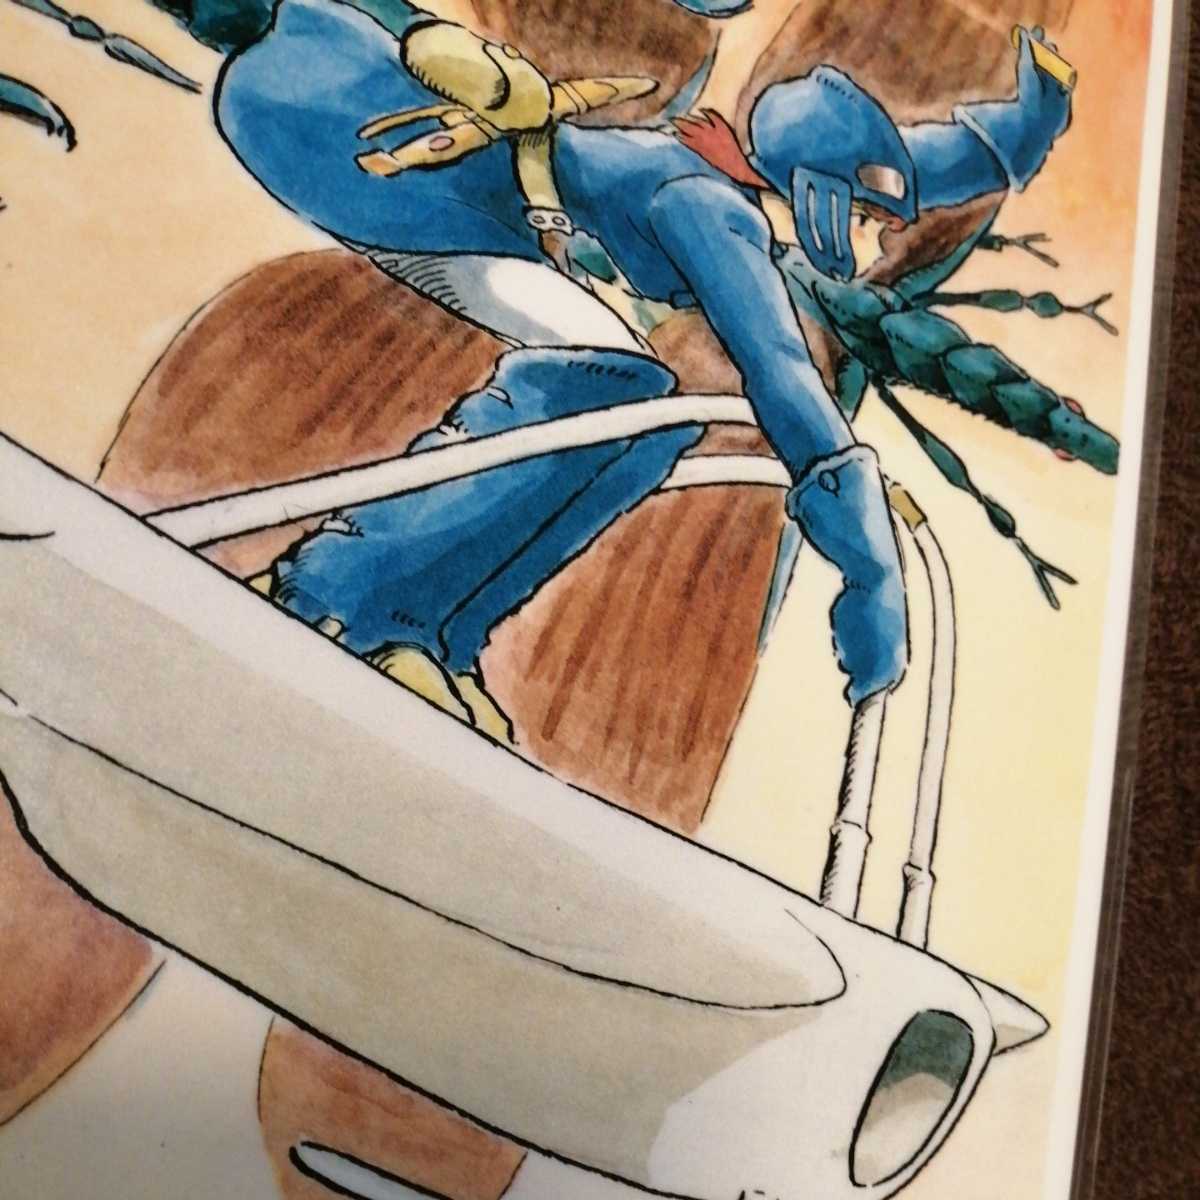 スタジオジブリ 風の谷のナウシカ ジブリカード ナウシカイラスト画 ラミネートカード パネル ポストカード ポスター 宮崎駿v_画像5